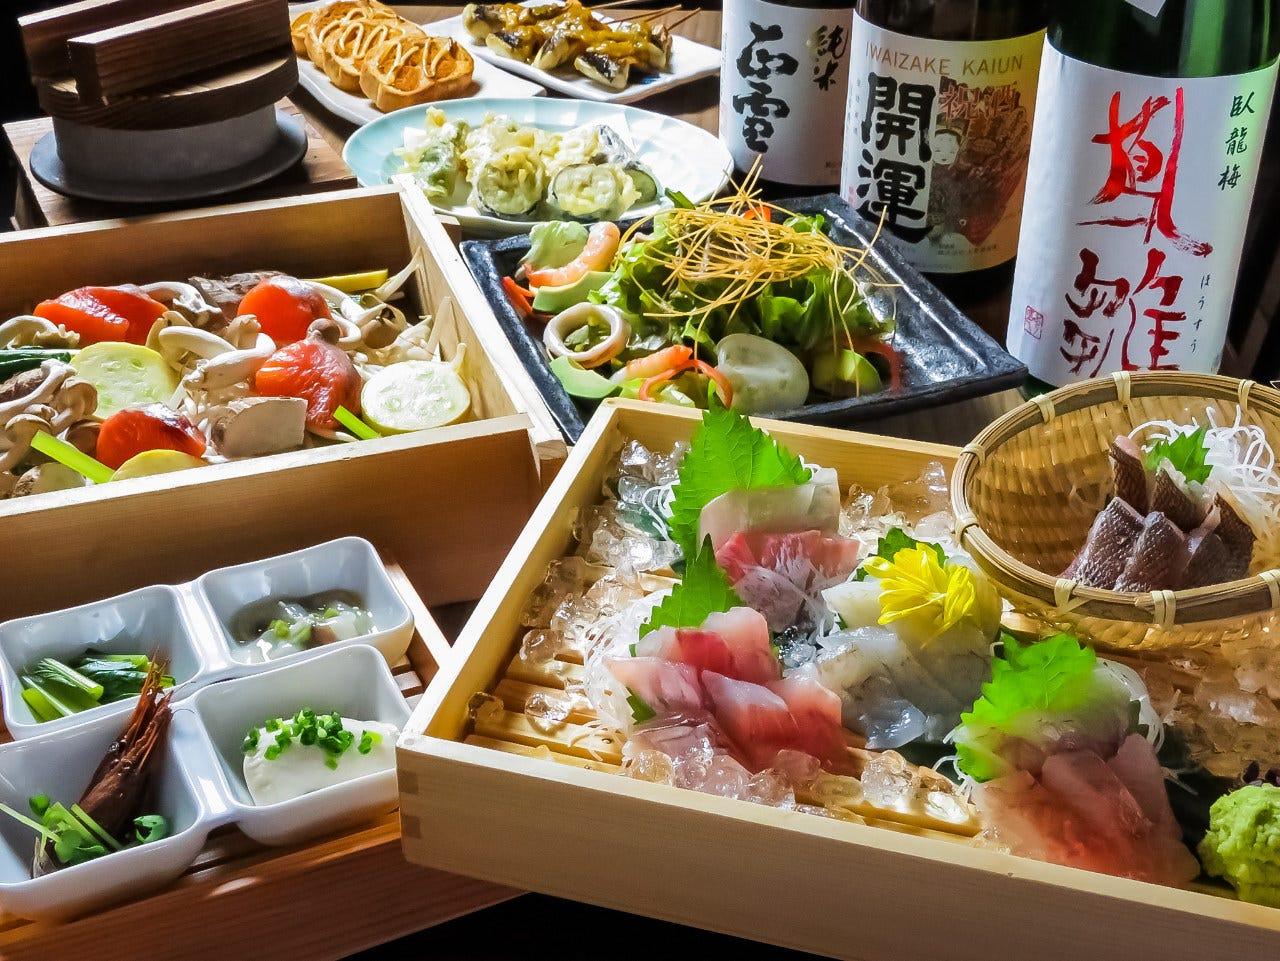 刺身に天ぷら、釜飯も!いろいろ楽しめるミウミの一押しコース